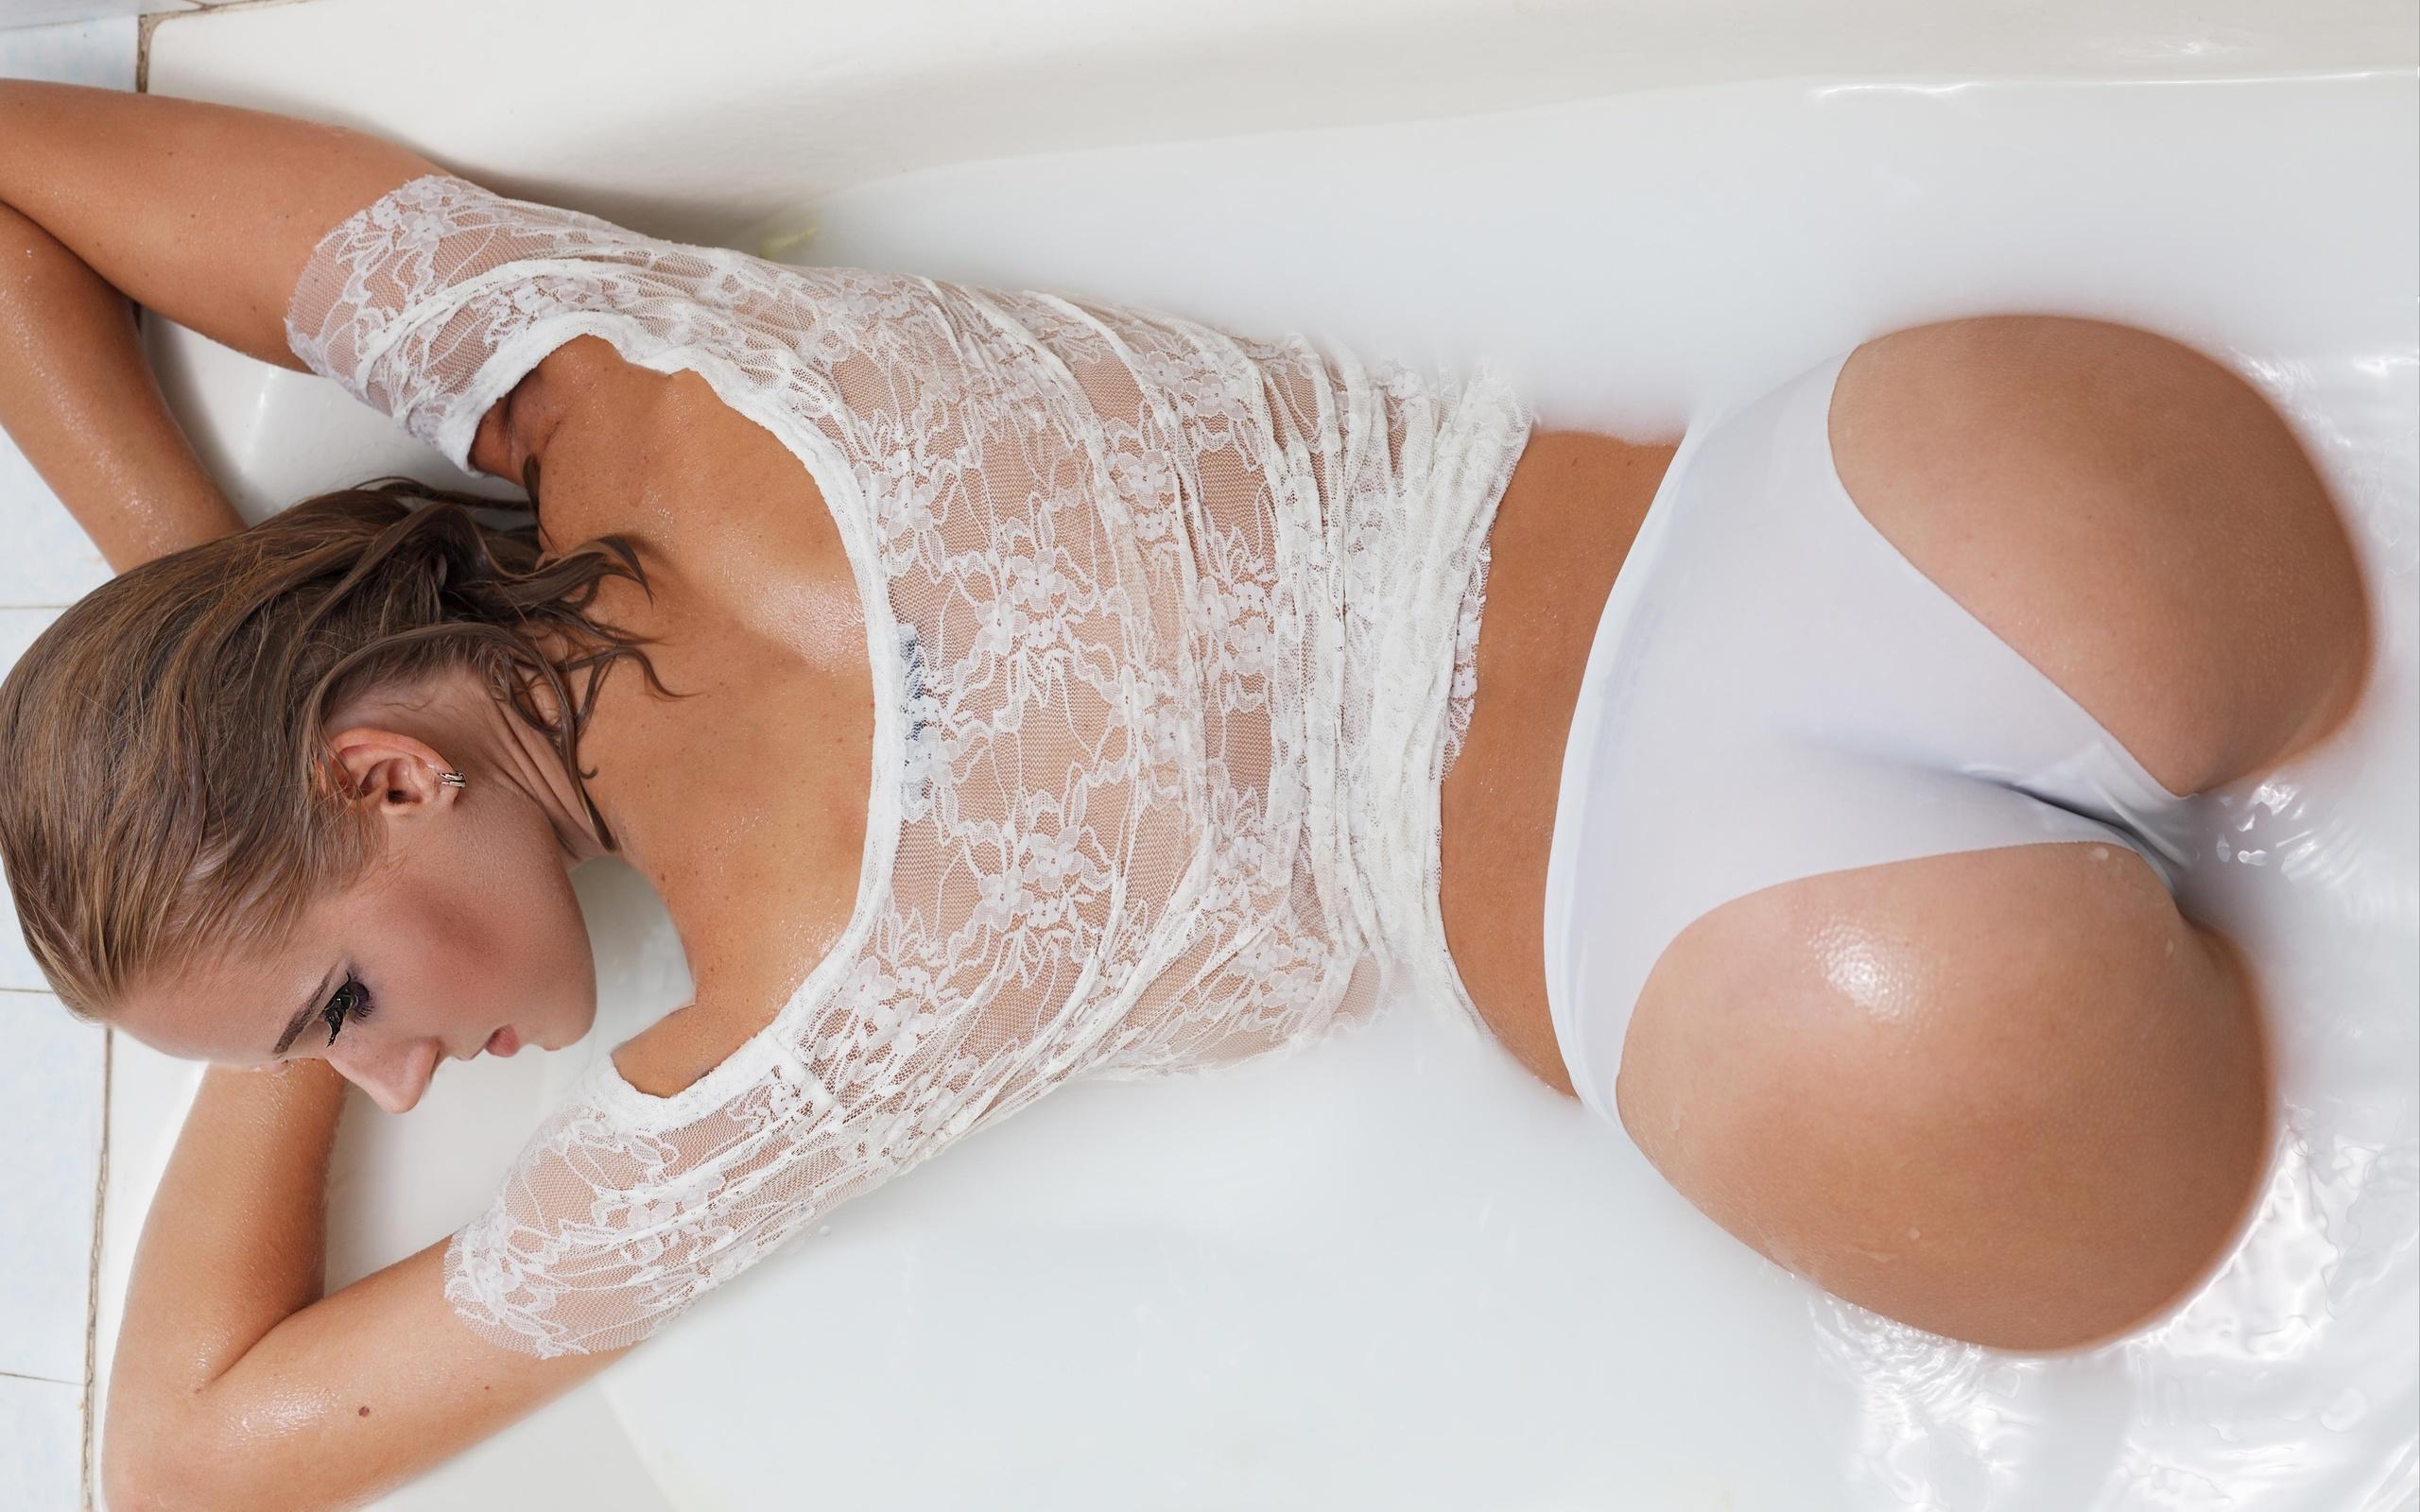 Фото в ванной в белье, Очаровательные девушки в ванной комнате и душе 1 фотография